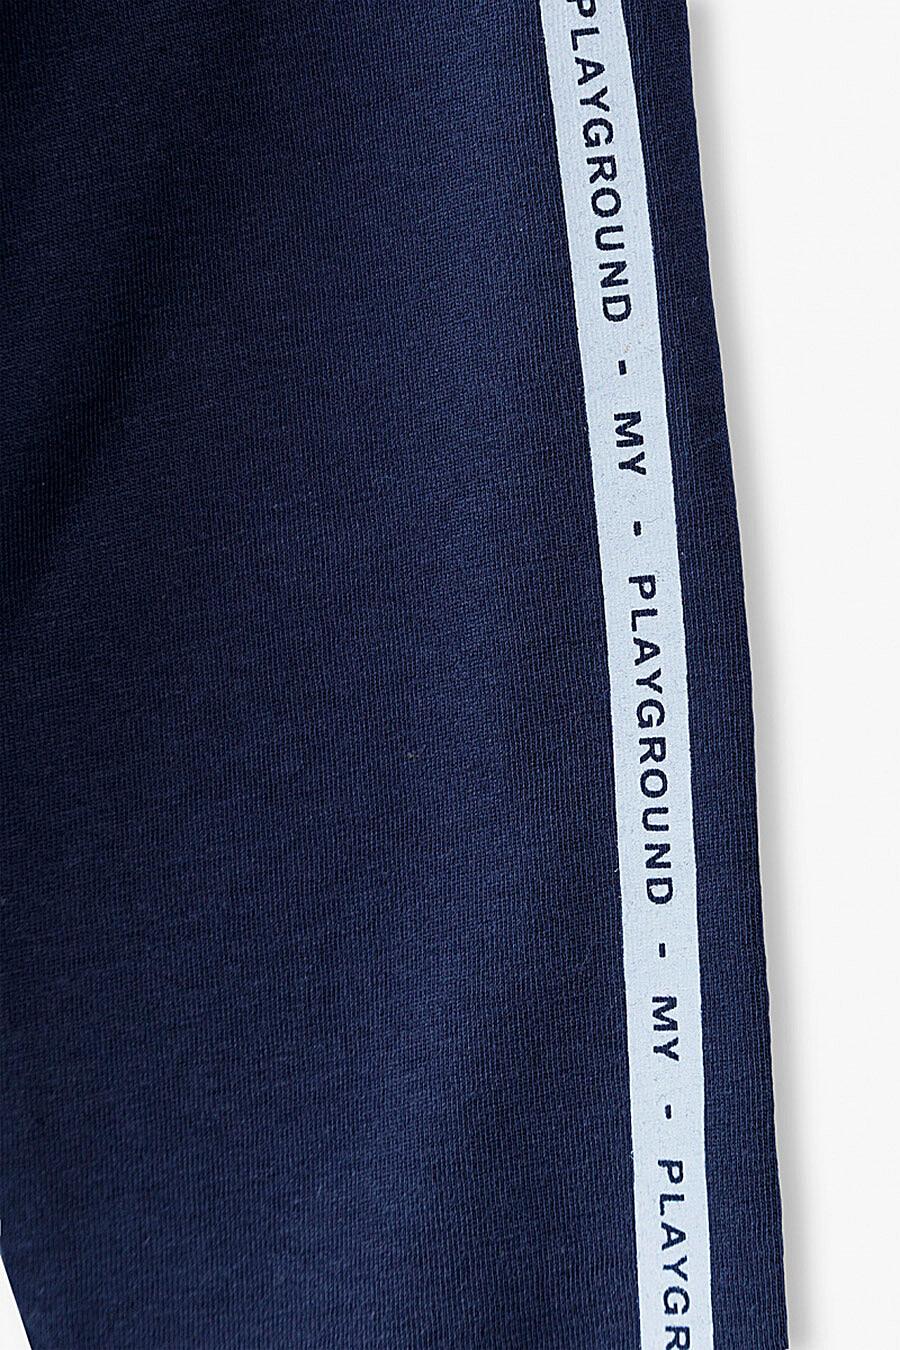 Лонгслив для мальчиков 5.10.15 707009 купить оптом от производителя. Совместная покупка детской одежды в OptMoyo